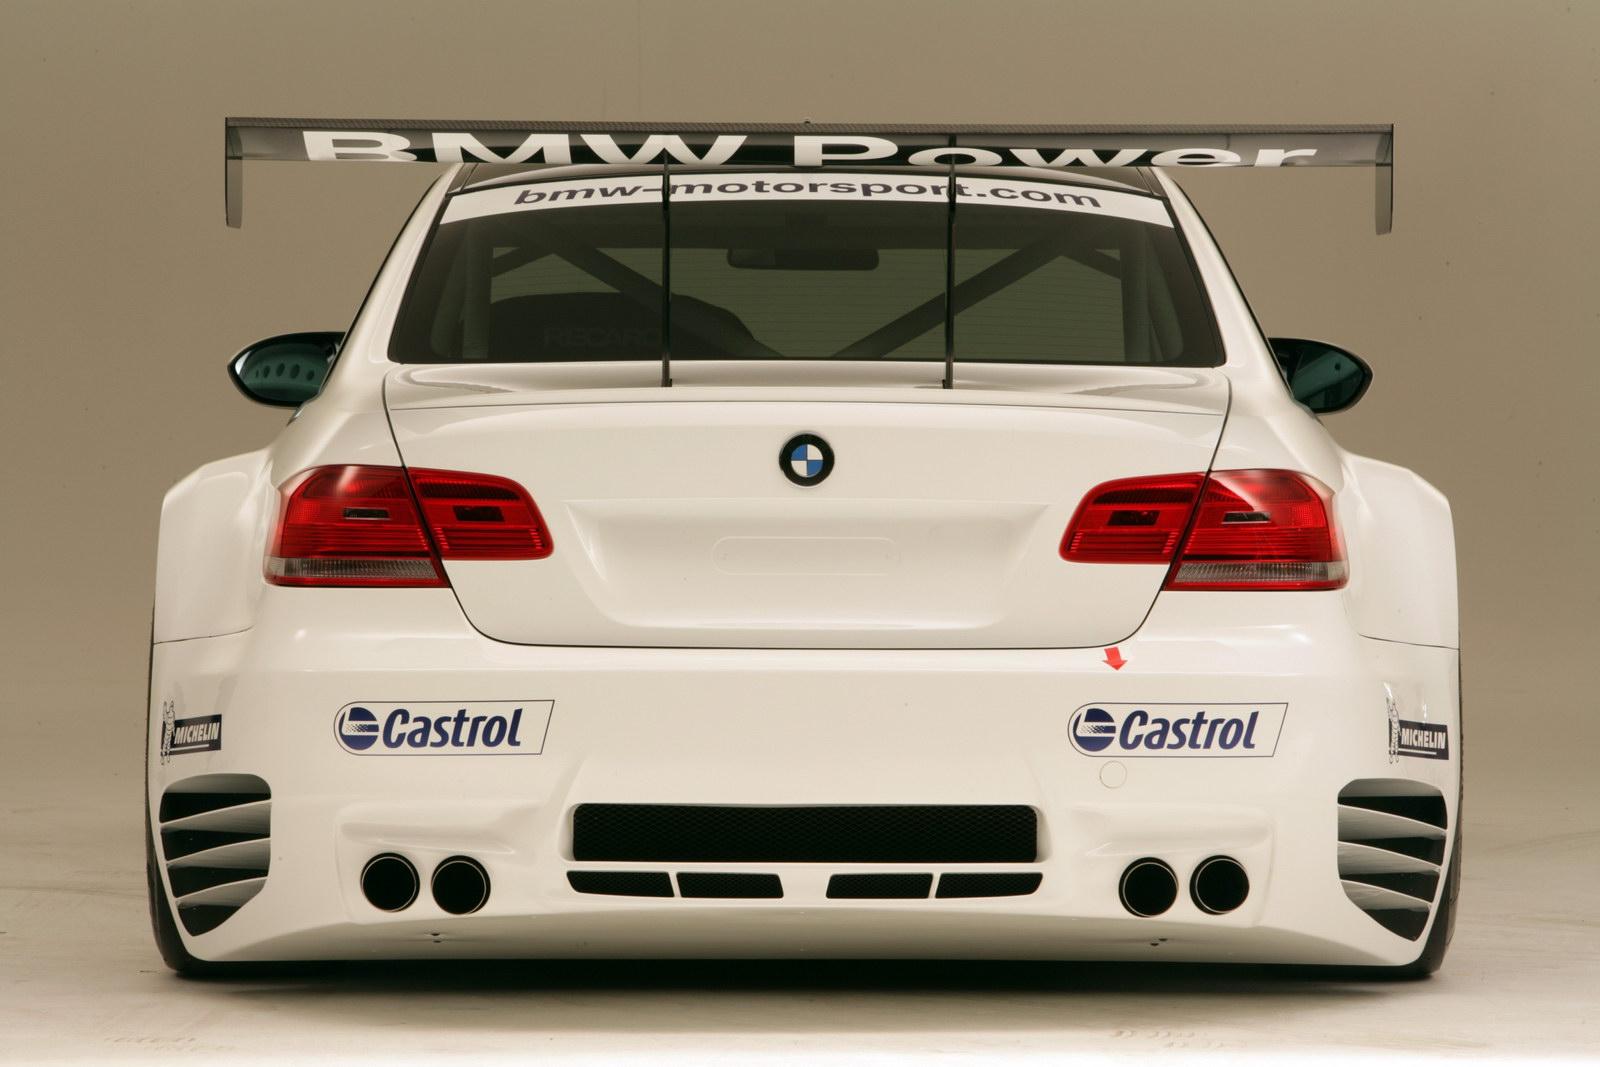 http://1.bp.blogspot.com/_U1Fc-cxHauU/TAak_76tJ-I/AAAAAAAAAhg/o5GfXU9CFQc/s1600/bmw-m3-race-version-hr-02.jpg